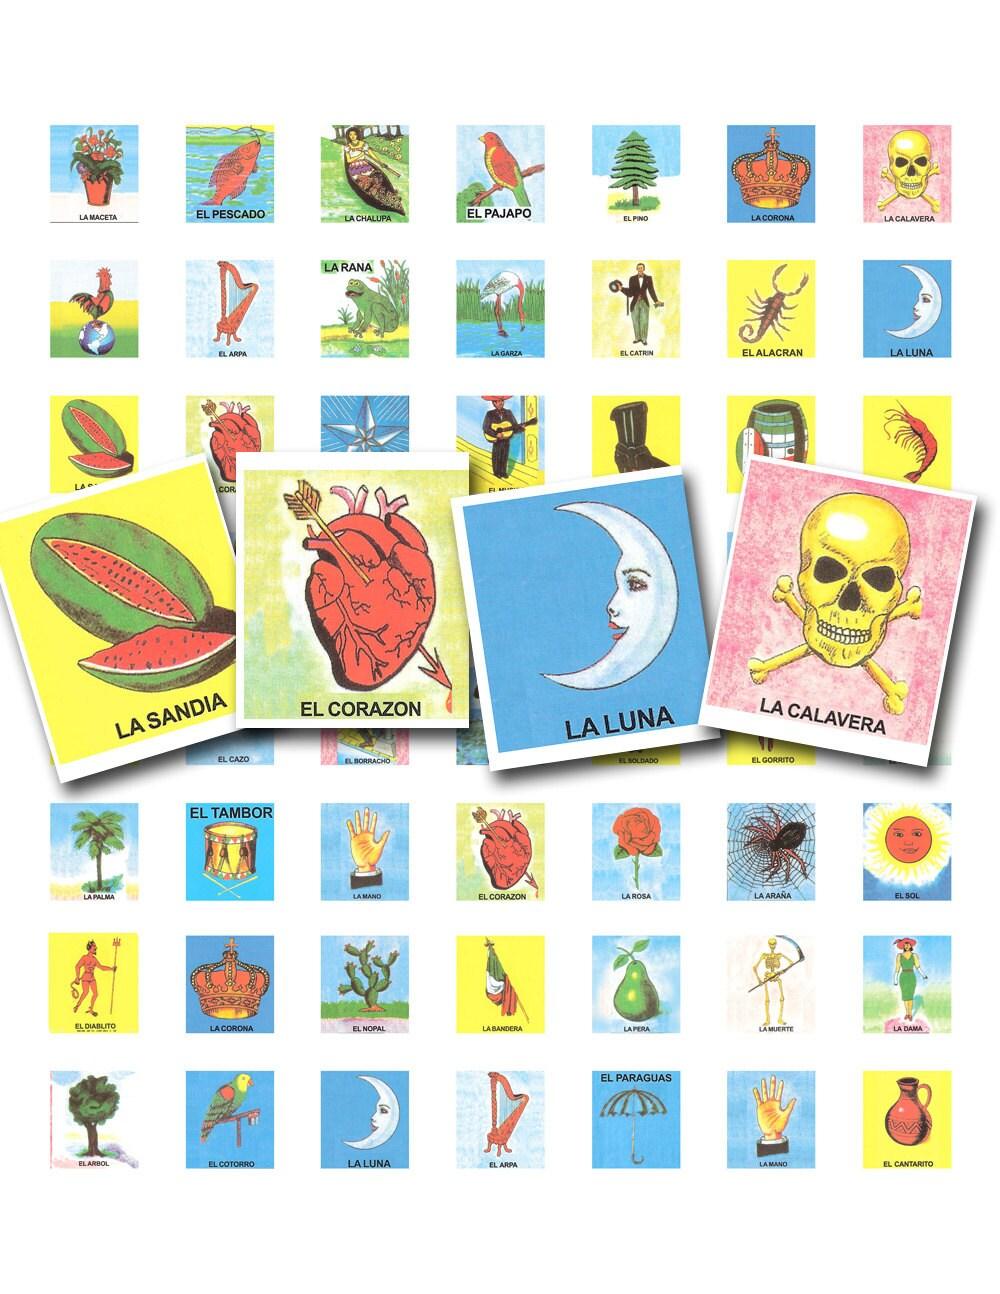 Juego de cartas Vintage scrabble bali